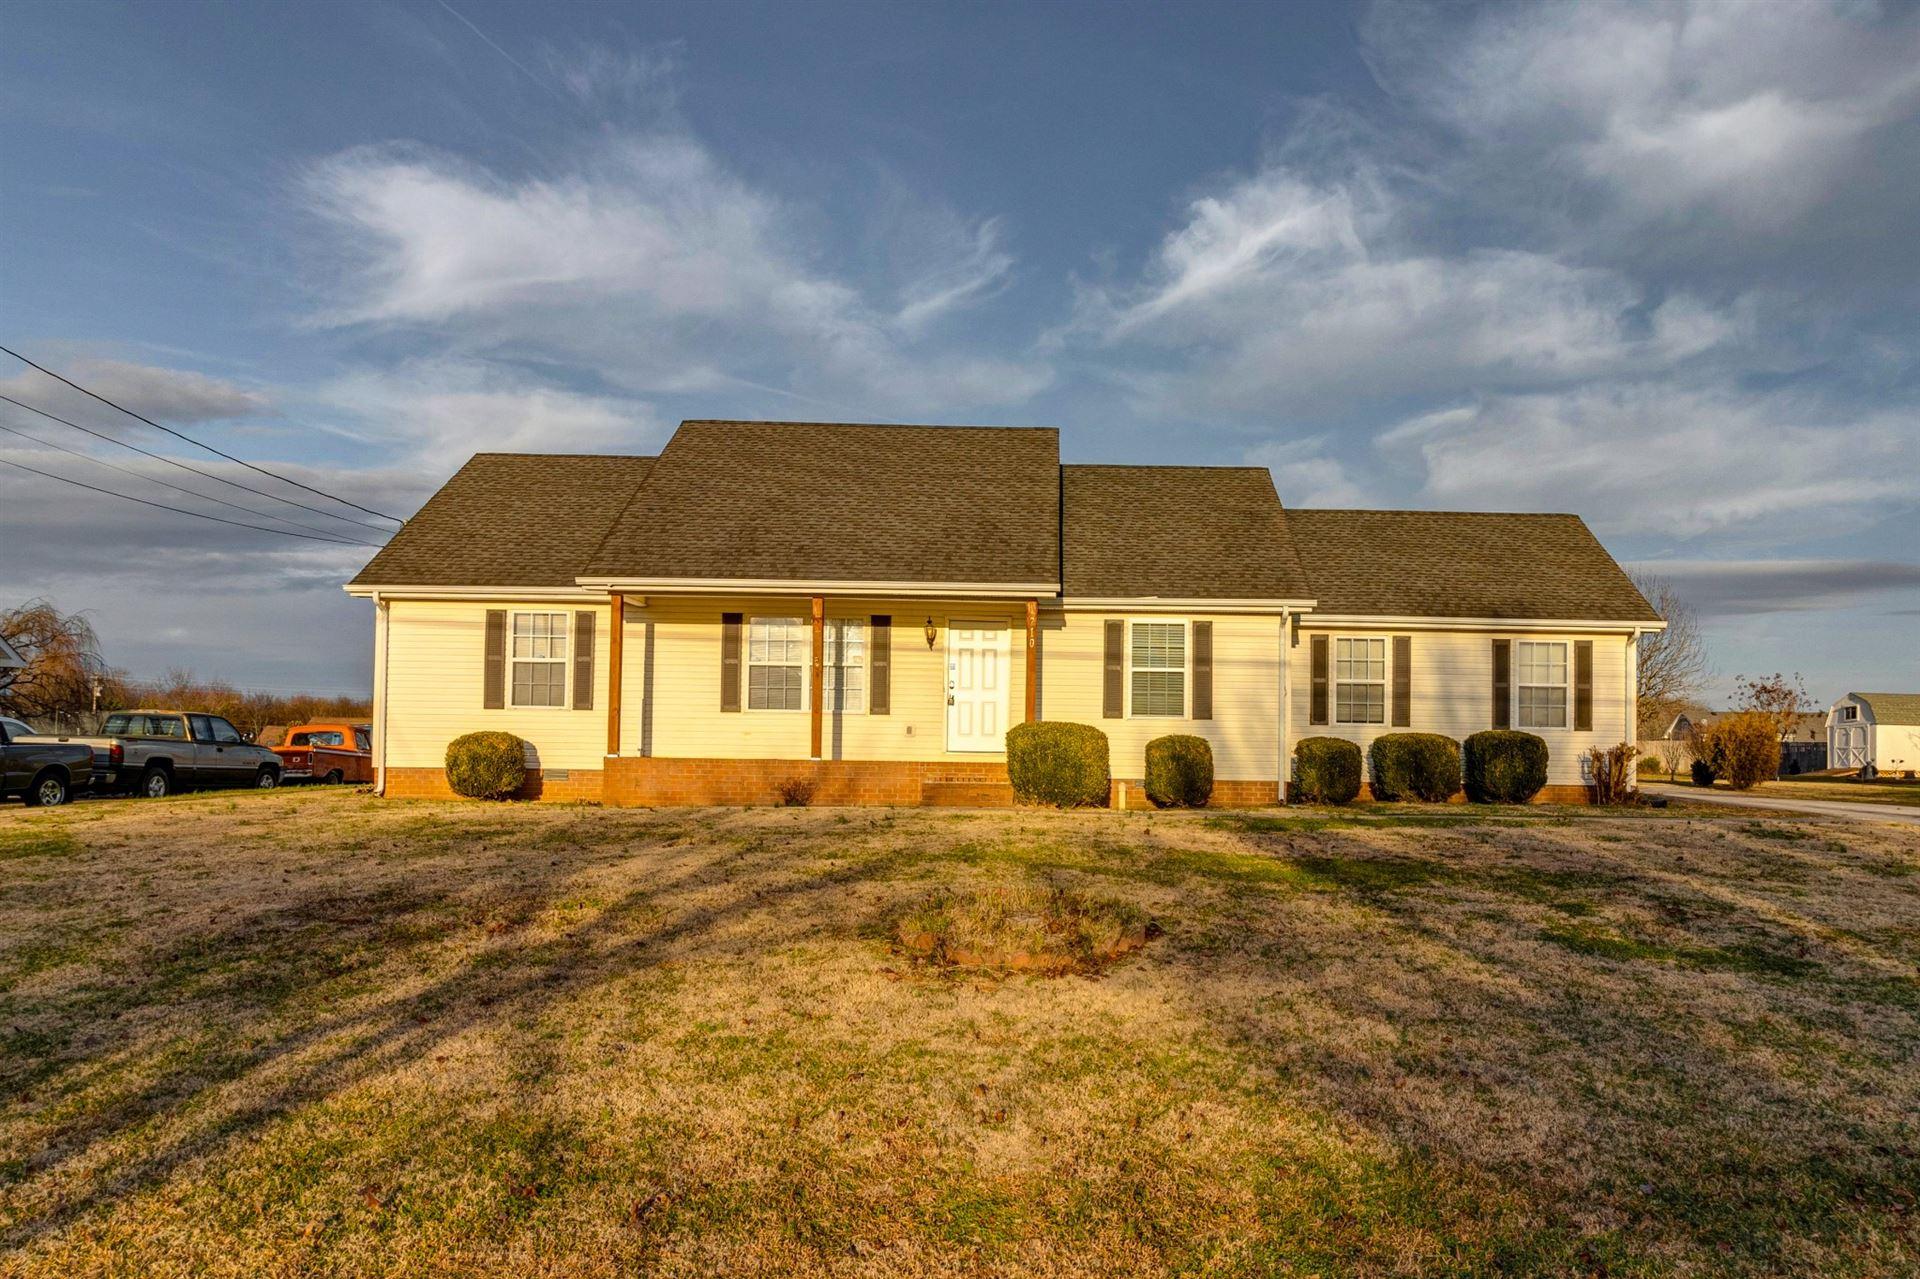 210 Crenshaw Dr, Murfreesboro, TN 37128 - MLS#: 2216599